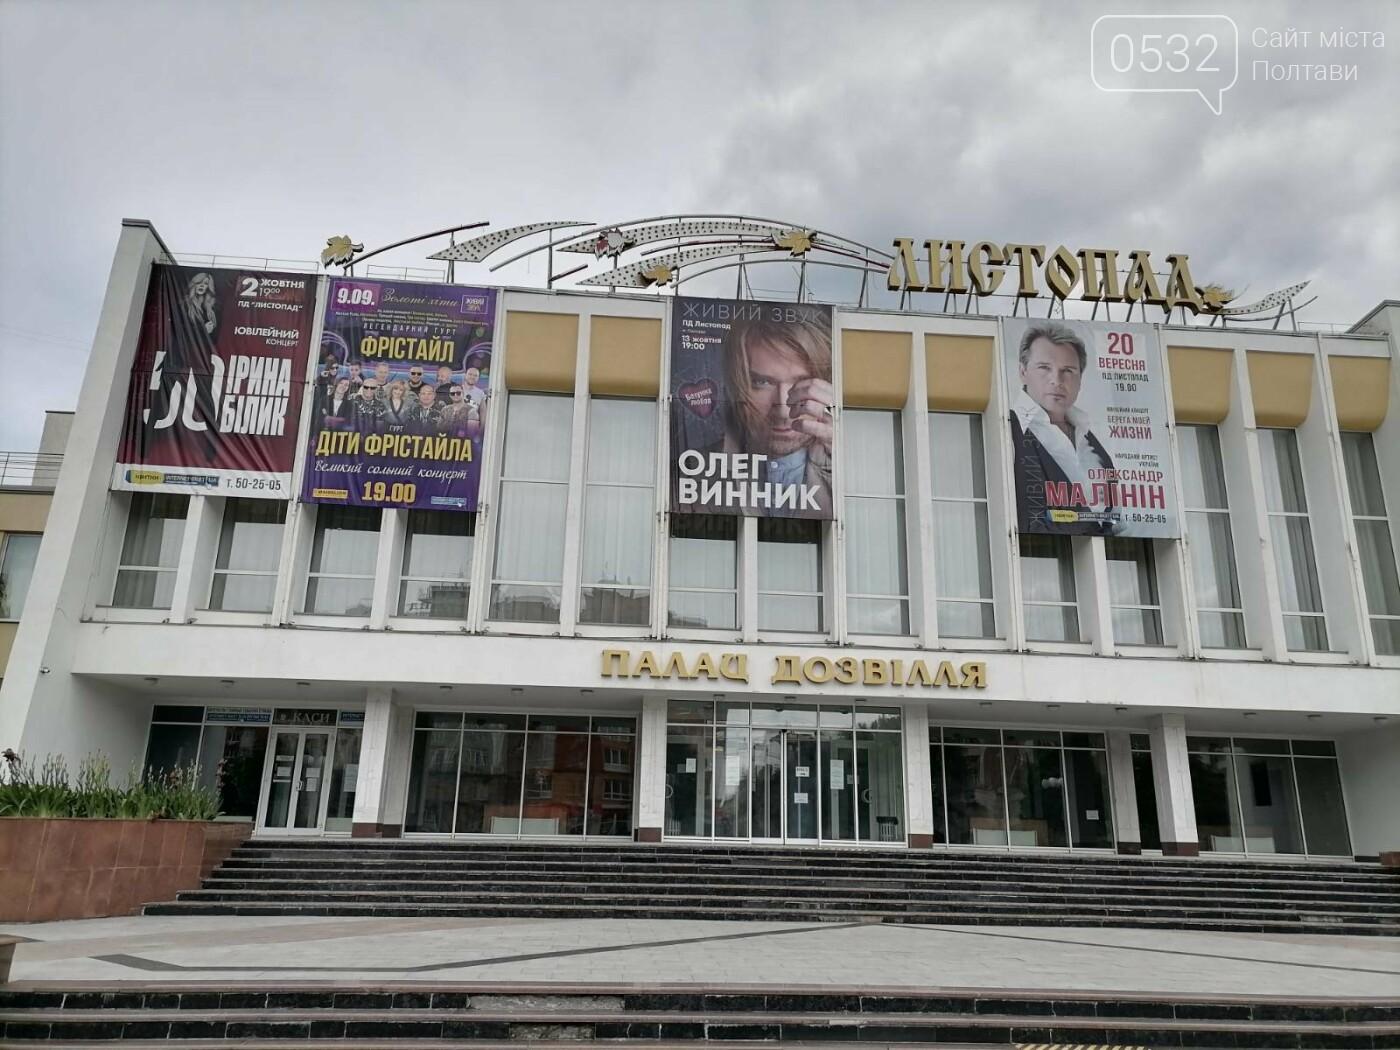 """У Полтавському ПД """"Листопад"""" не буде концертів доки офіційно не відмінять карантин , фото-4"""